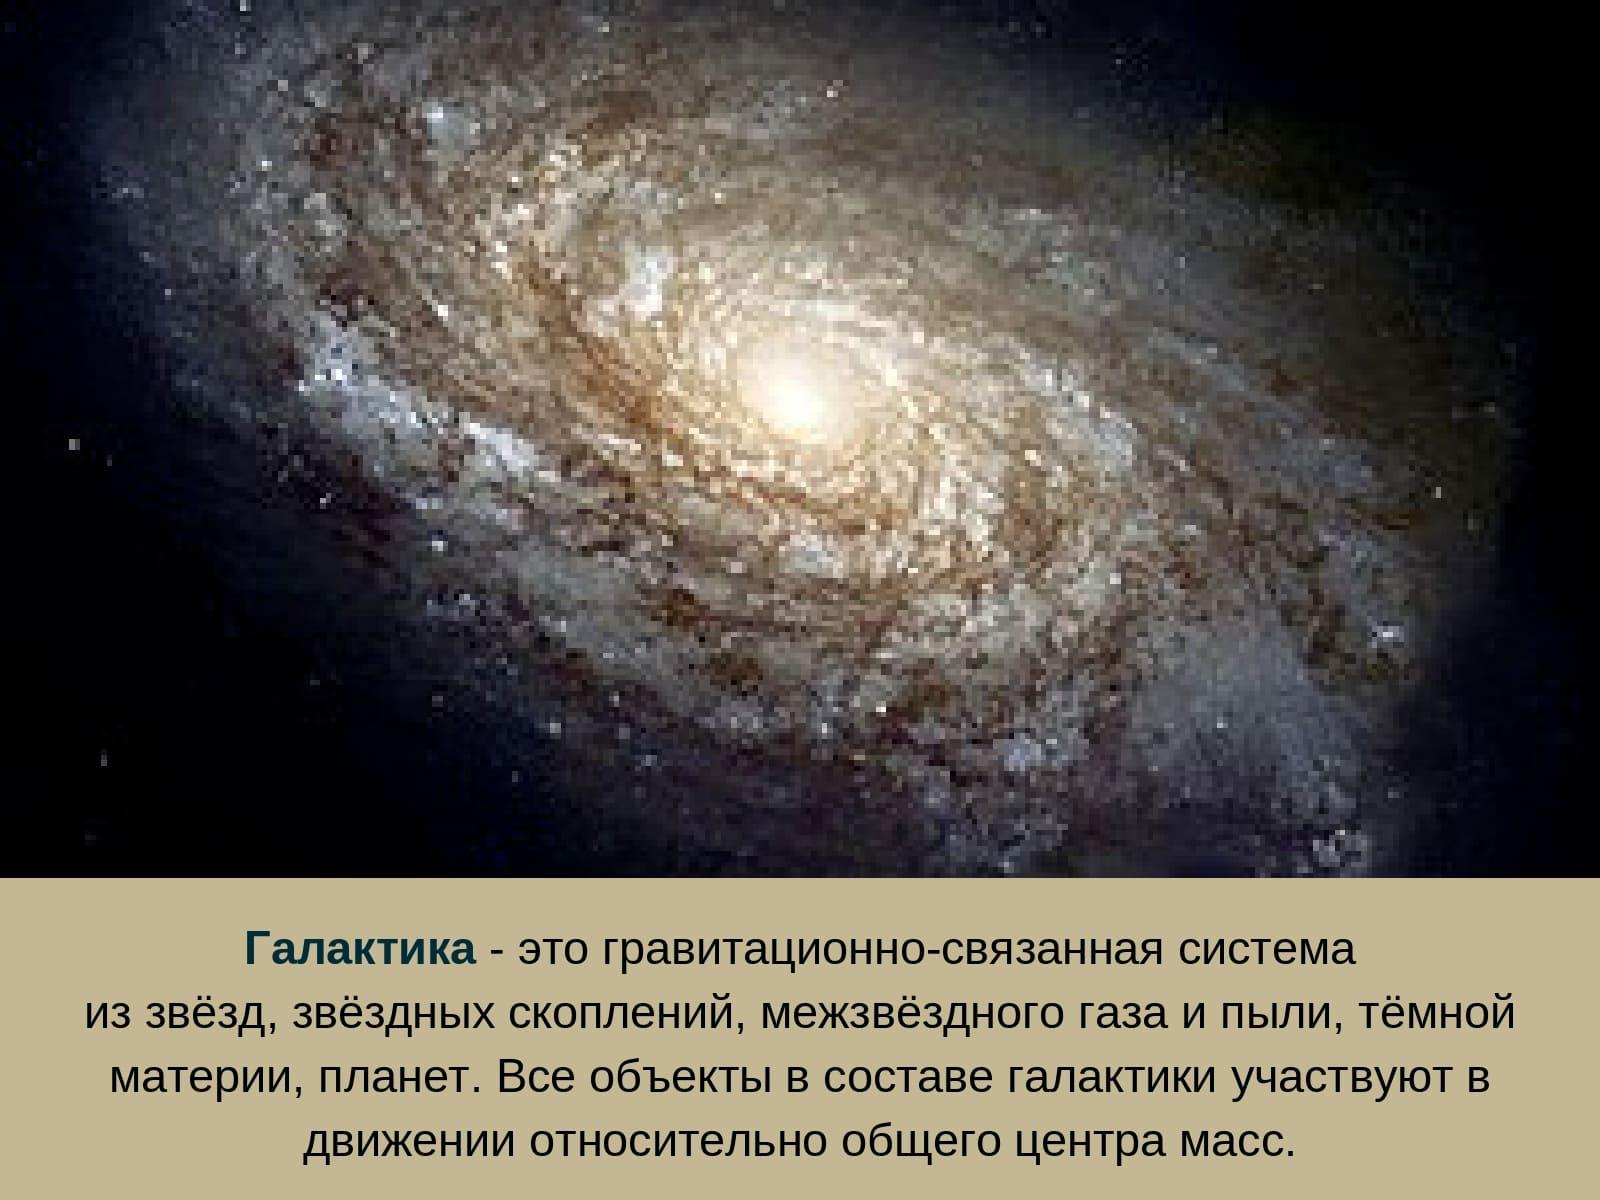 Галактика - это